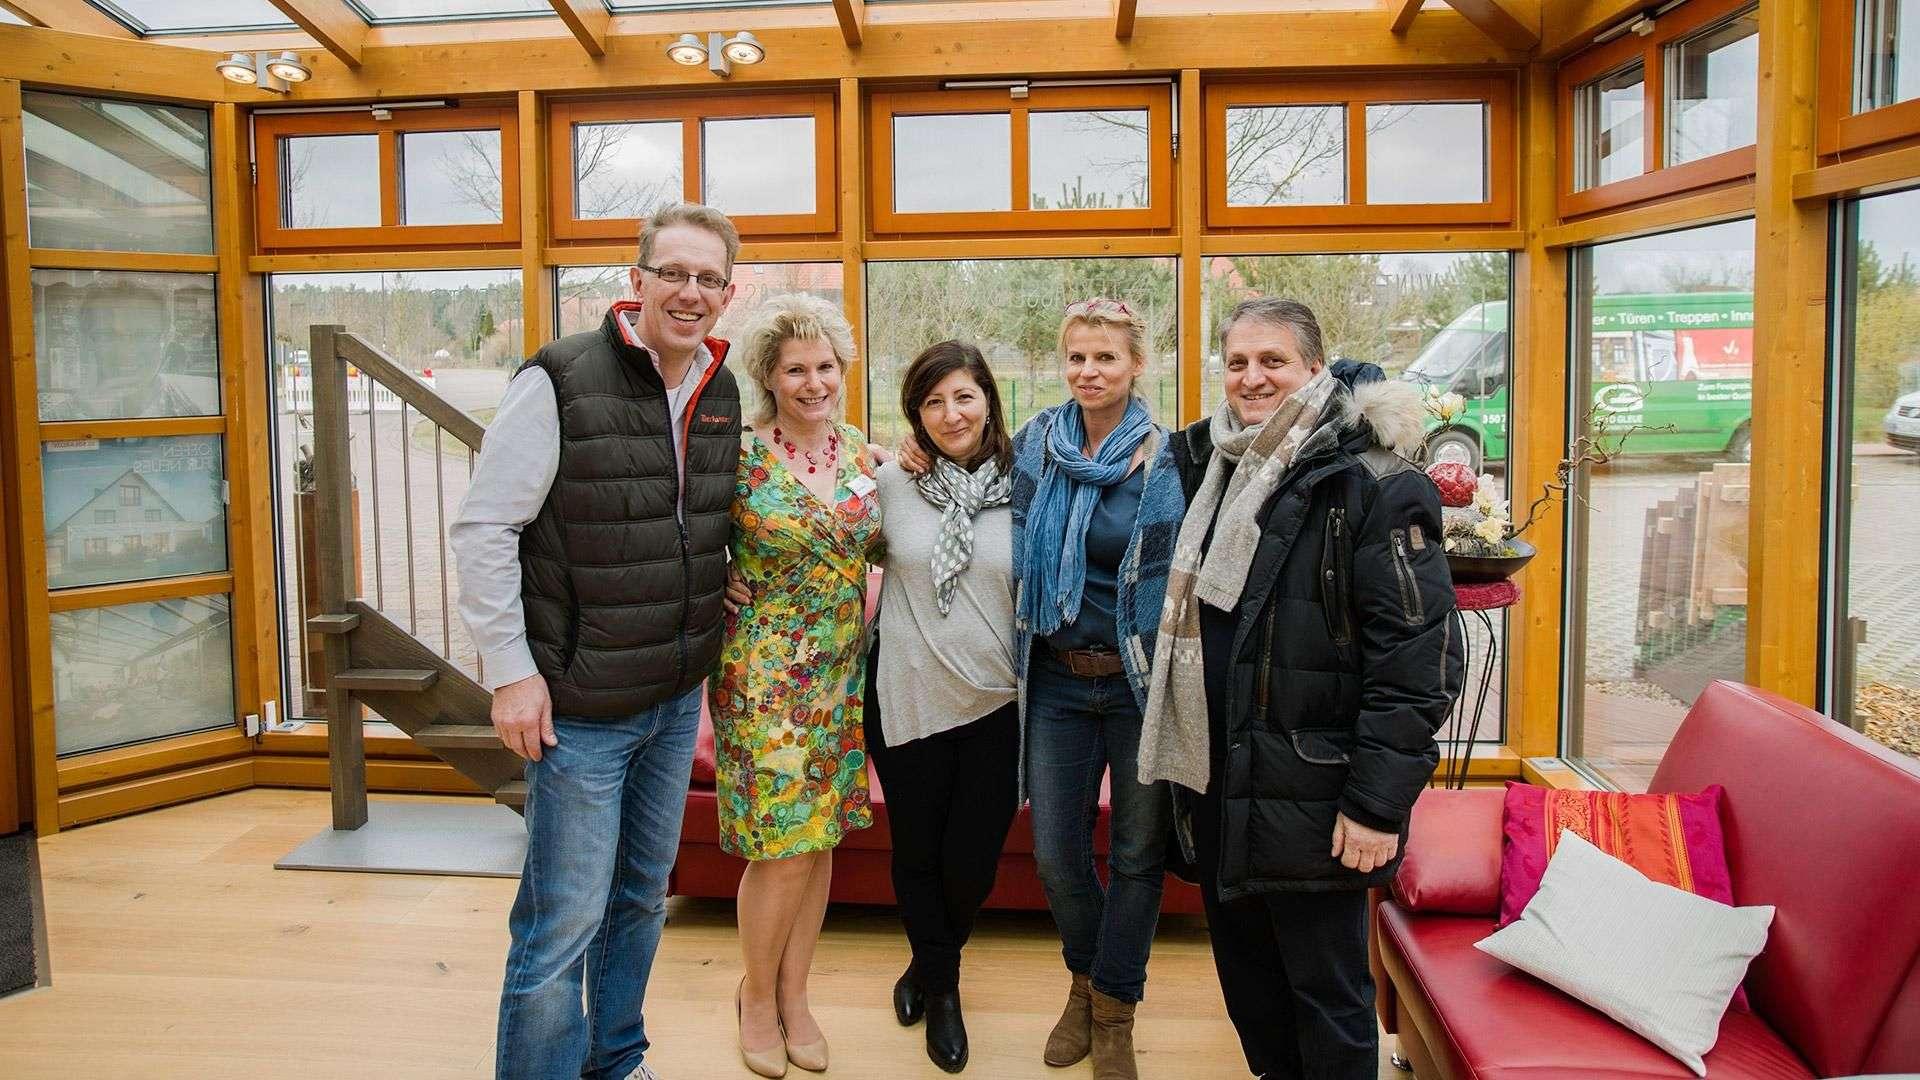 Auch Familie Algieri, Inhaber der Trattoria Pasta & Vino aus Großburgwedel, gratulieren Otto Gleue und seiner Lebensgefährtin Beate Babacz zum gelungen Tag.